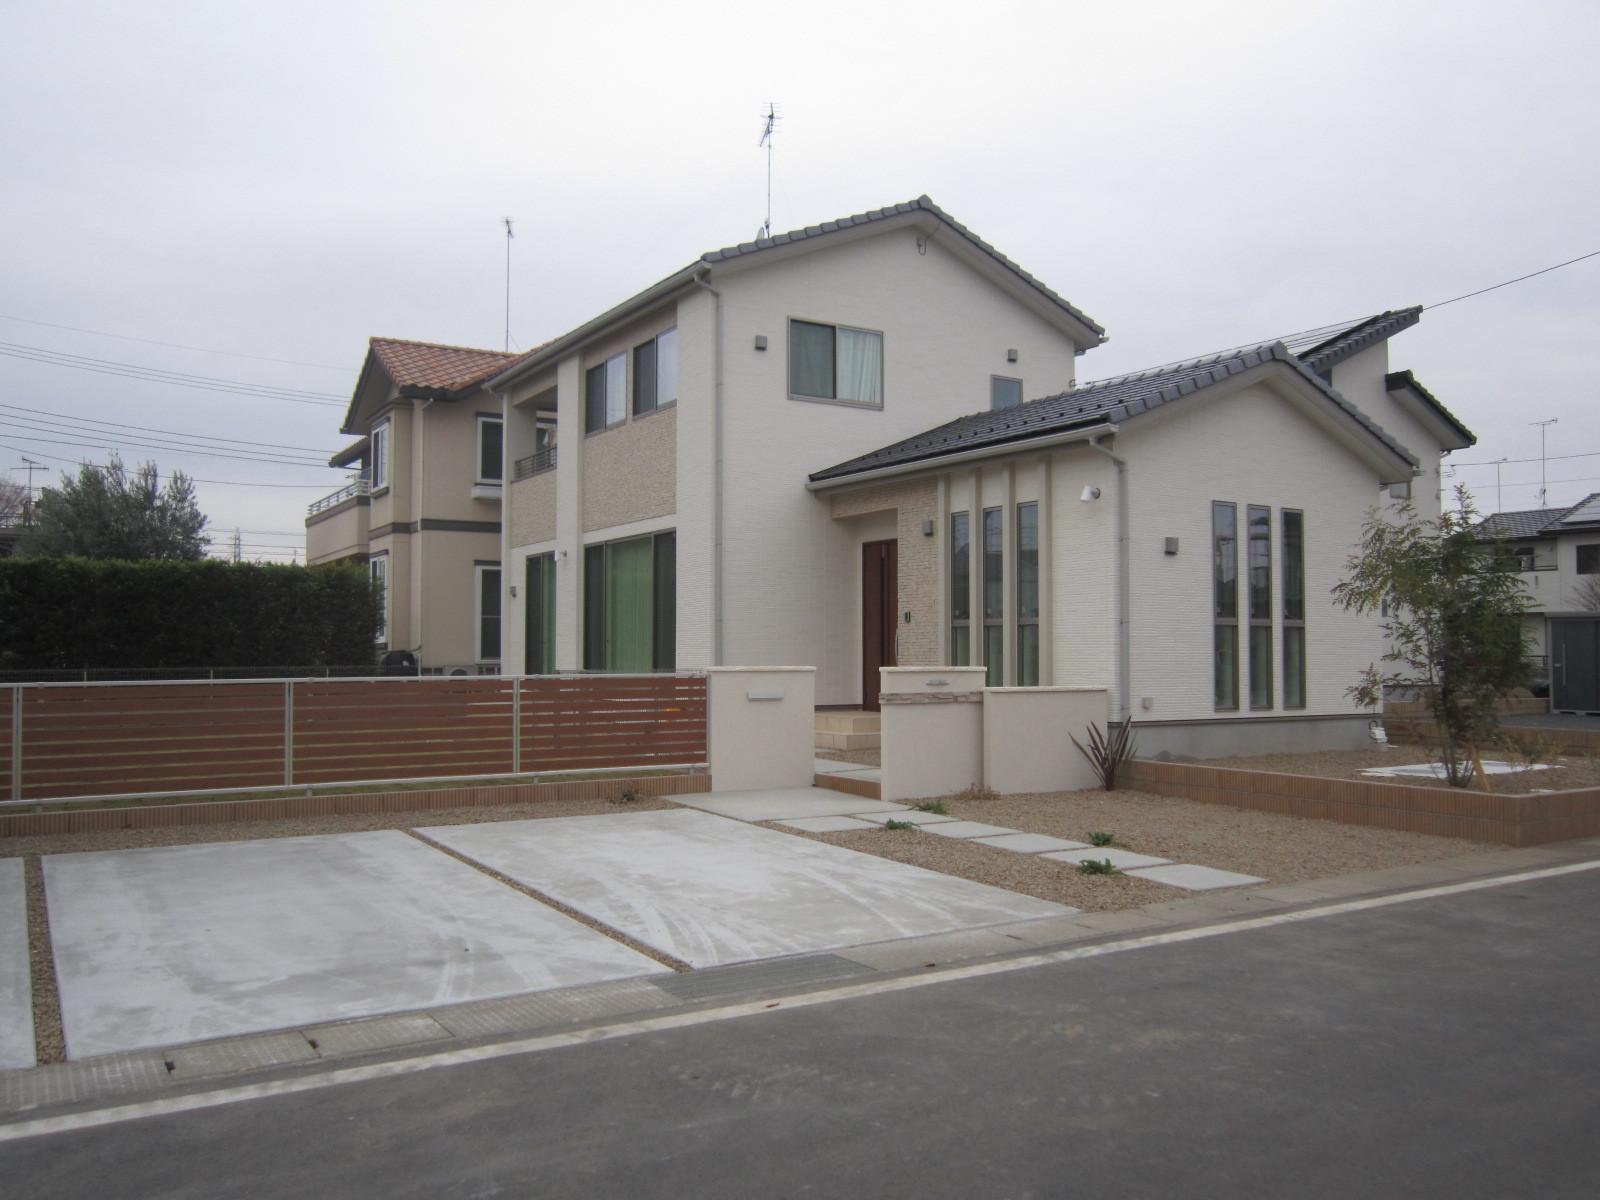 館林市K邸の 外構工事邸 完成しました (^_^)v_e0361918_14485424.jpg